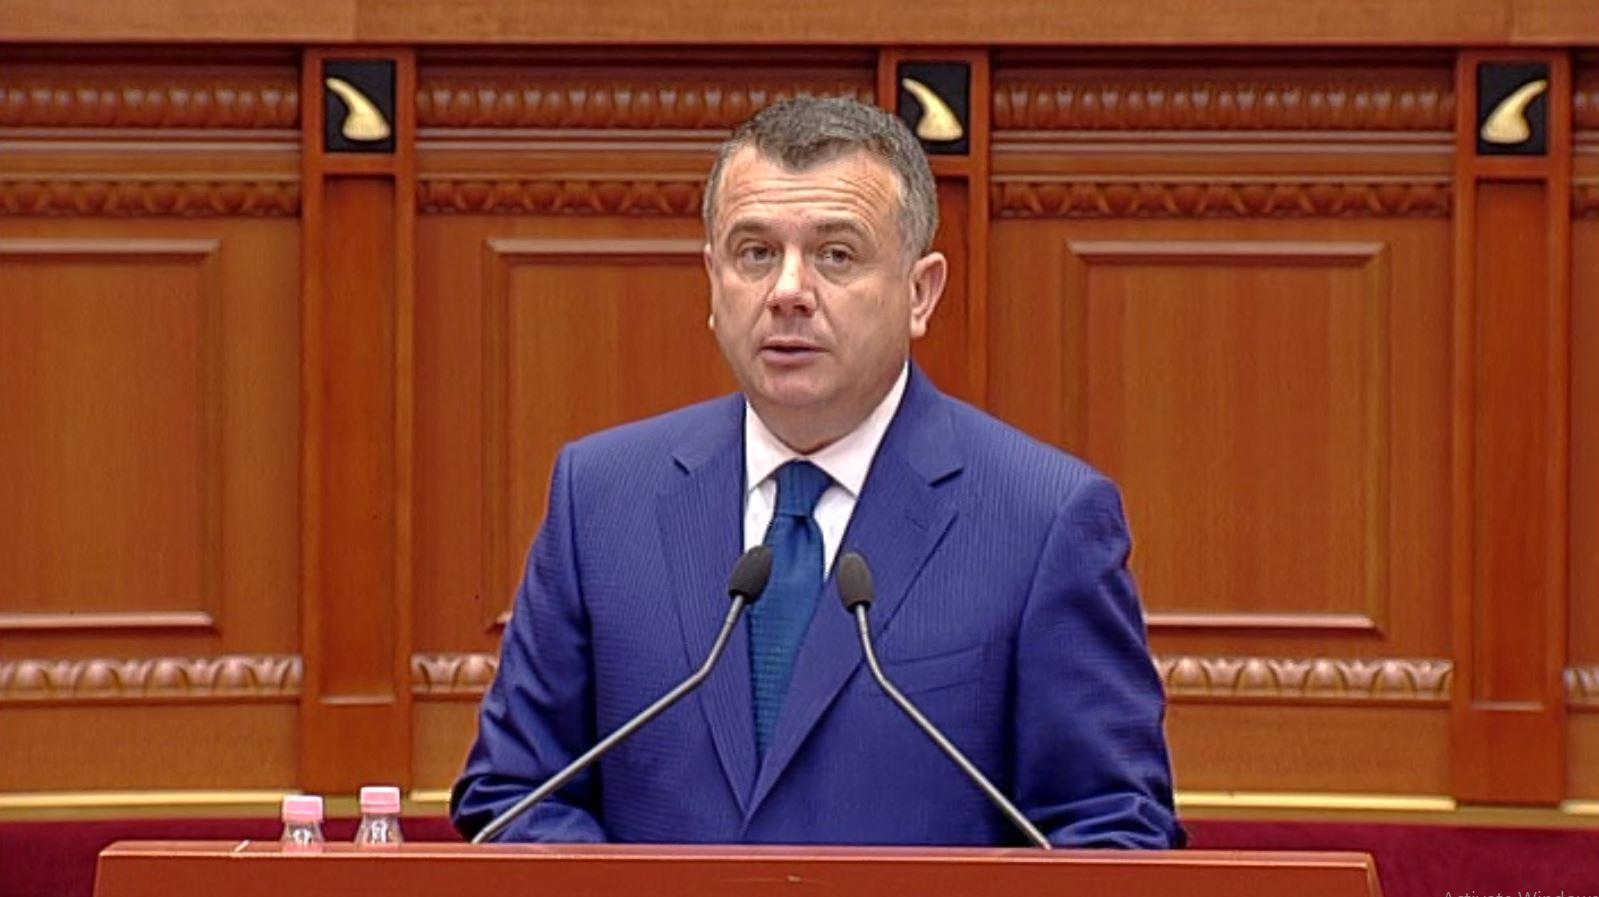 Balla në Kuvend: Çelja e negociatave na inkurajon për reforma të thella